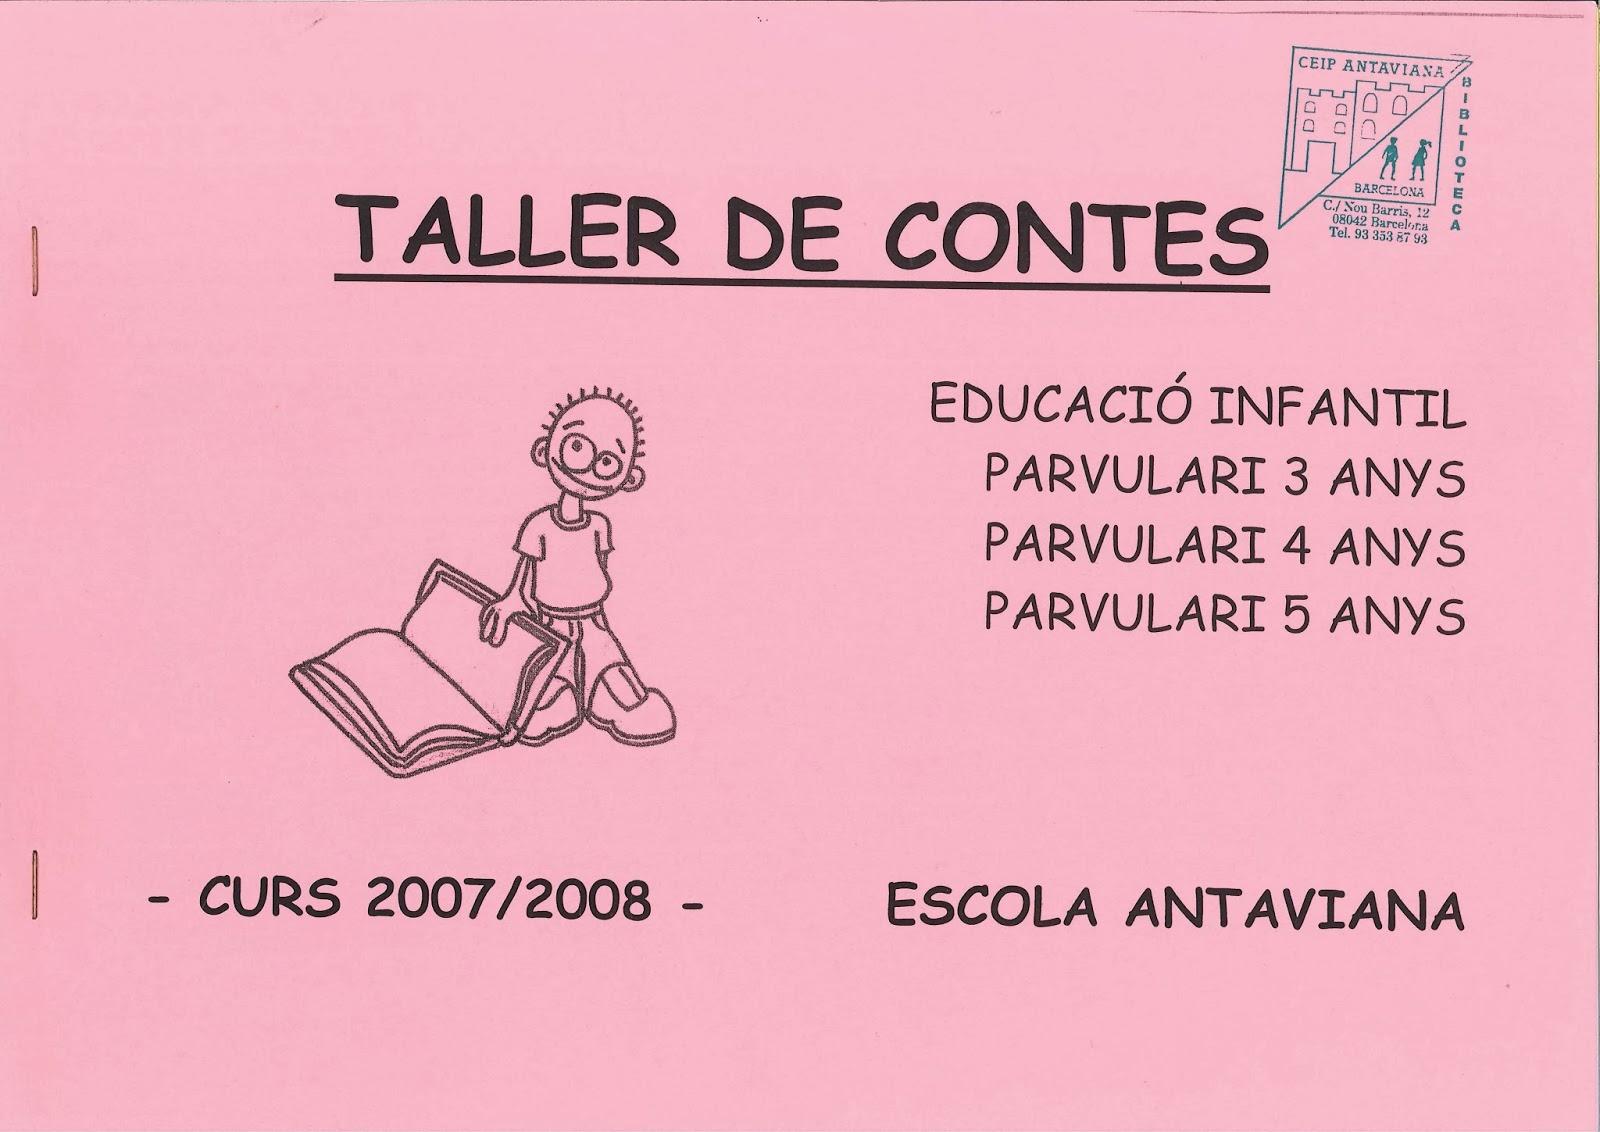 http://issuu.com/blocsdantaviana/docs/dosier_contes_07-08